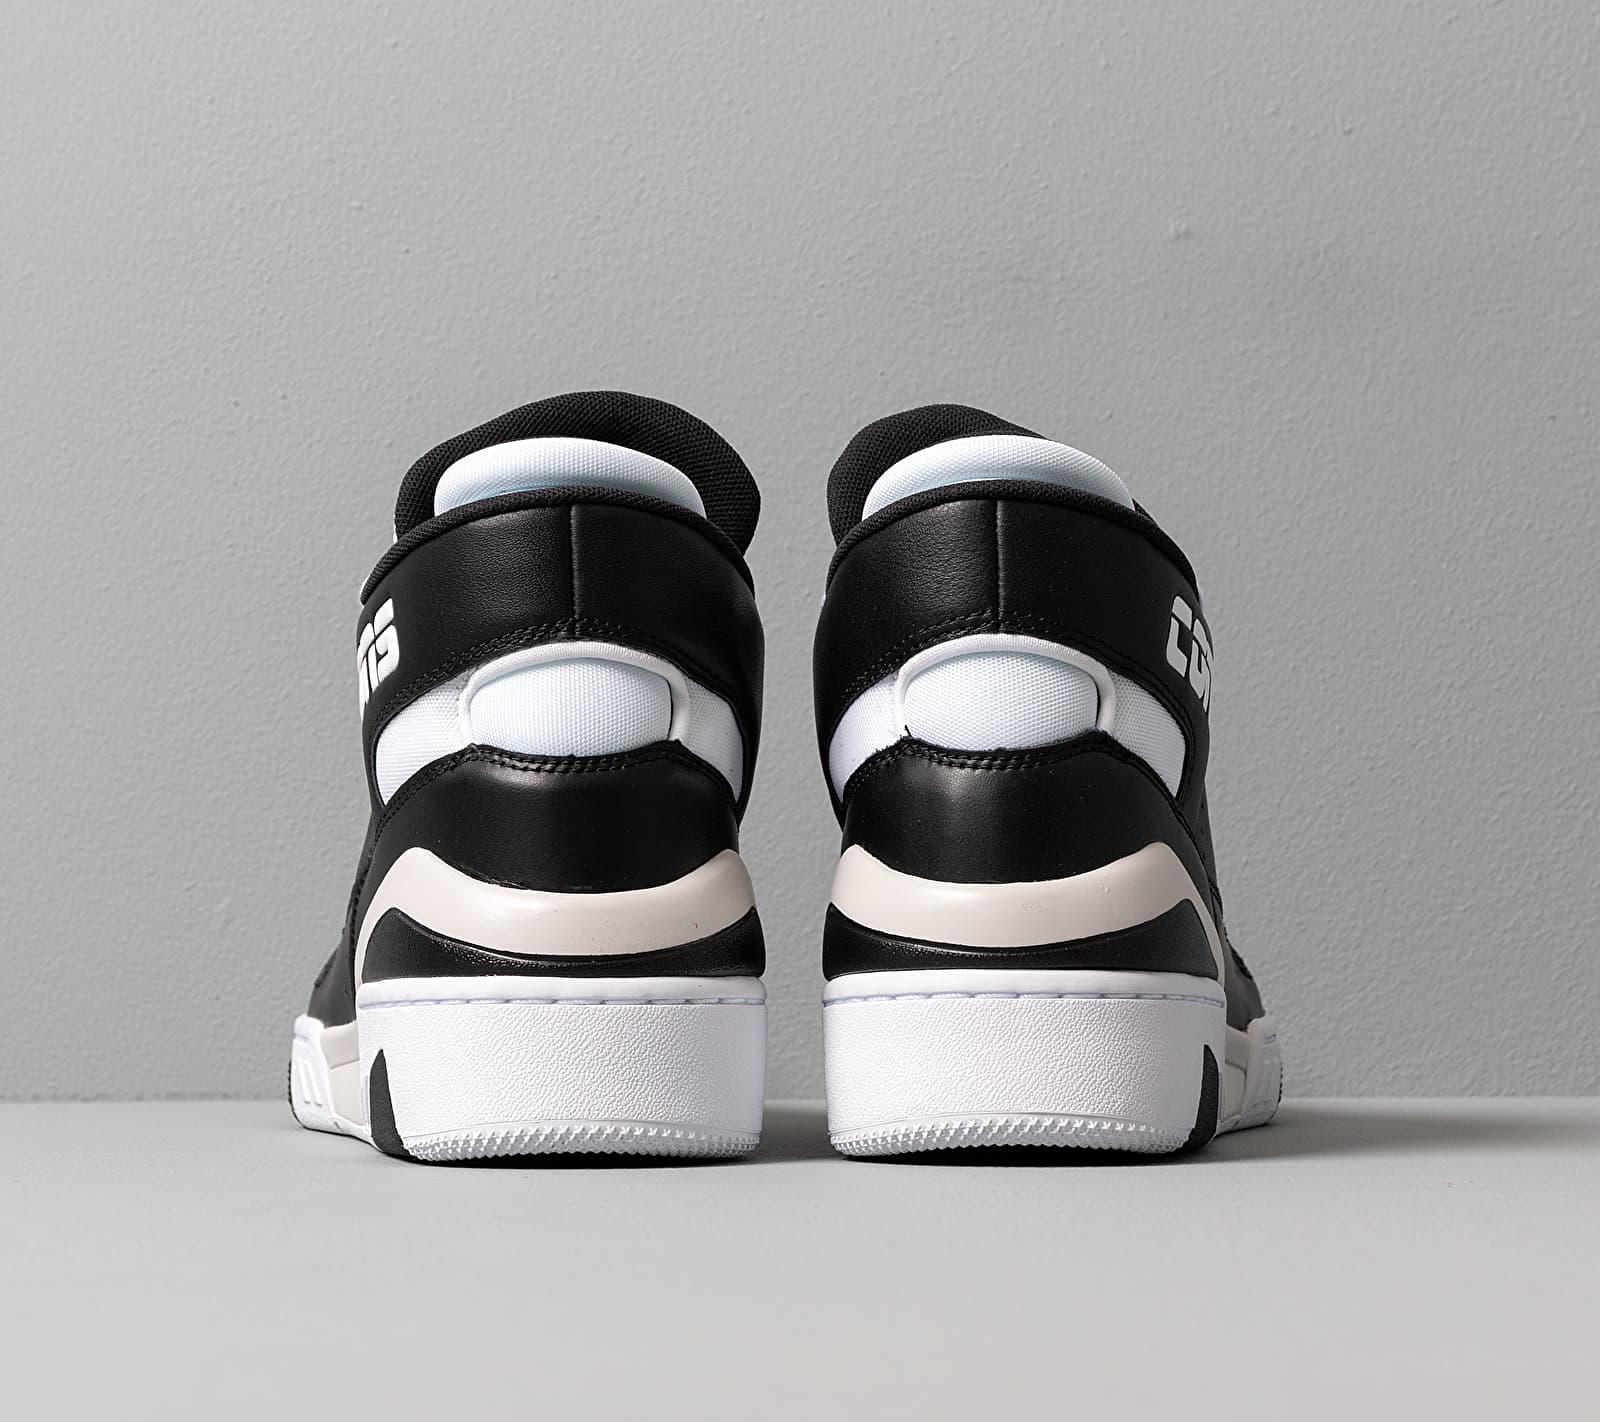 Converse Erx 260 Black/ Mouse/ White